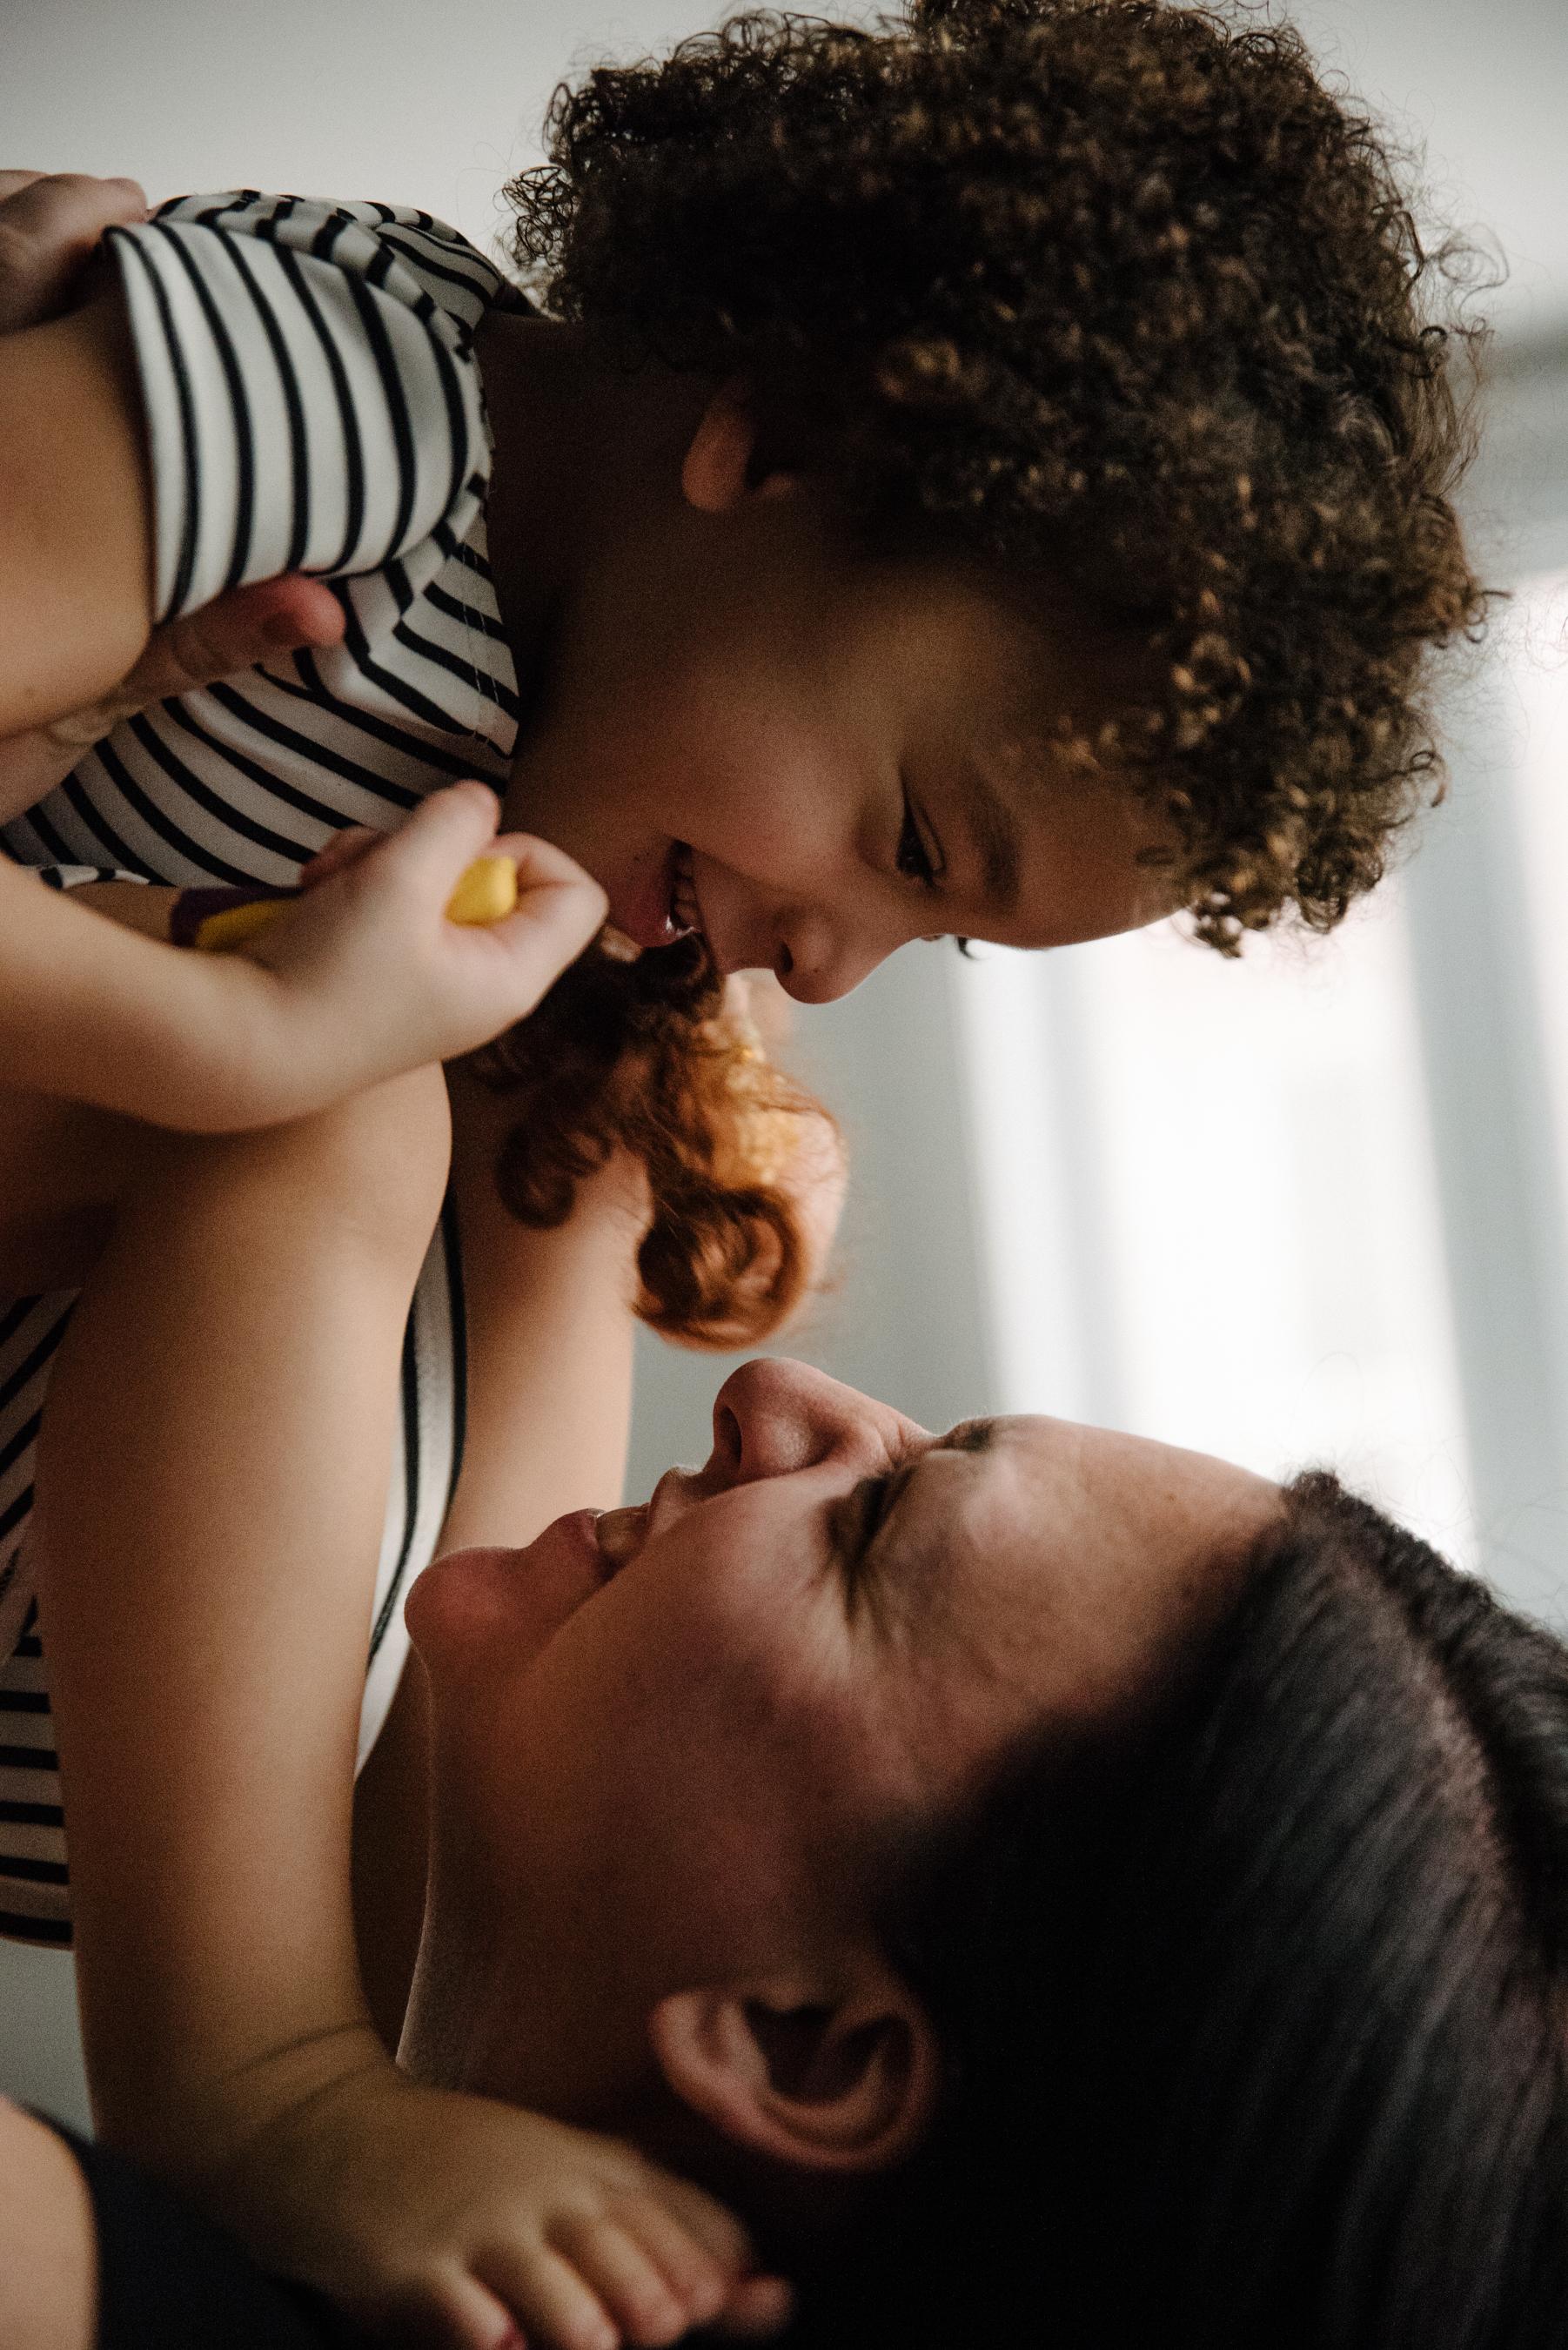 photo-de-moments-tendres-entre-une-mere-et-sa-fille-photographe-de-famille-a-montreal-marianne-charland-414.jpg